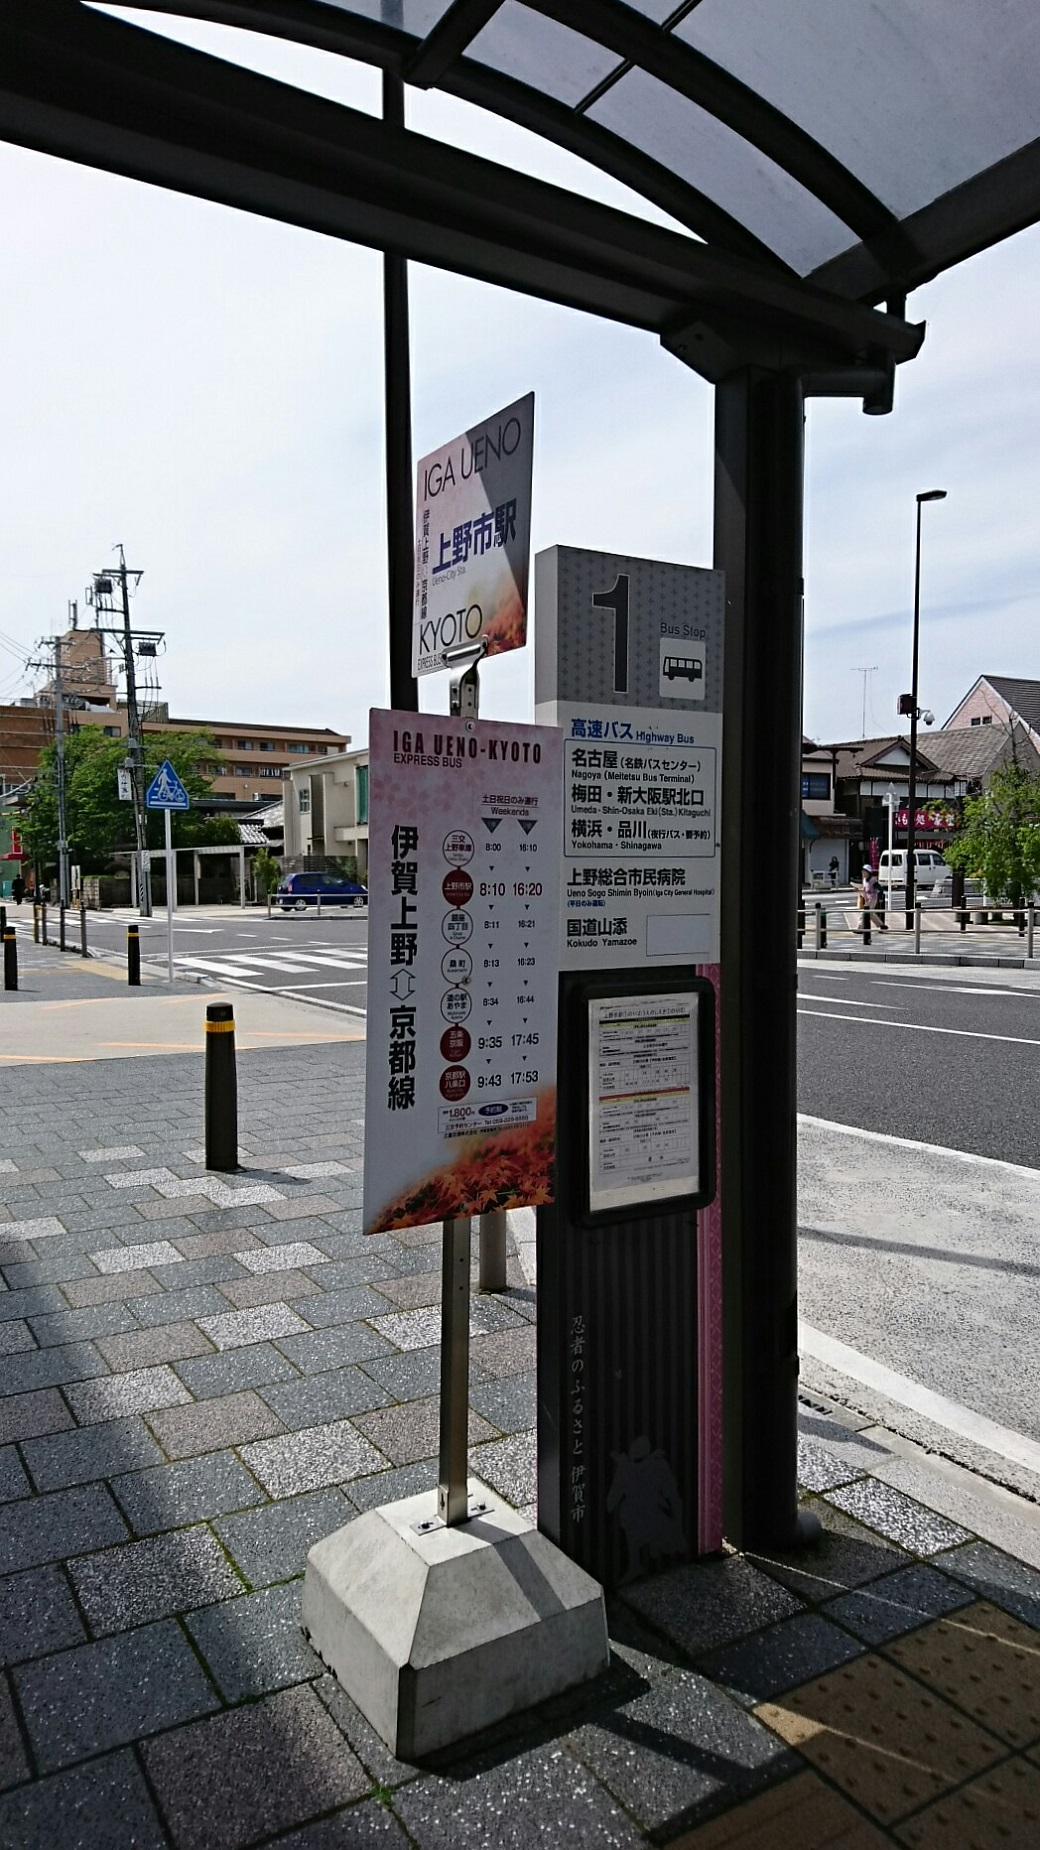 2018.4.26 上野 (94) 上野市駅 - 高速バスのりば 1040-1850